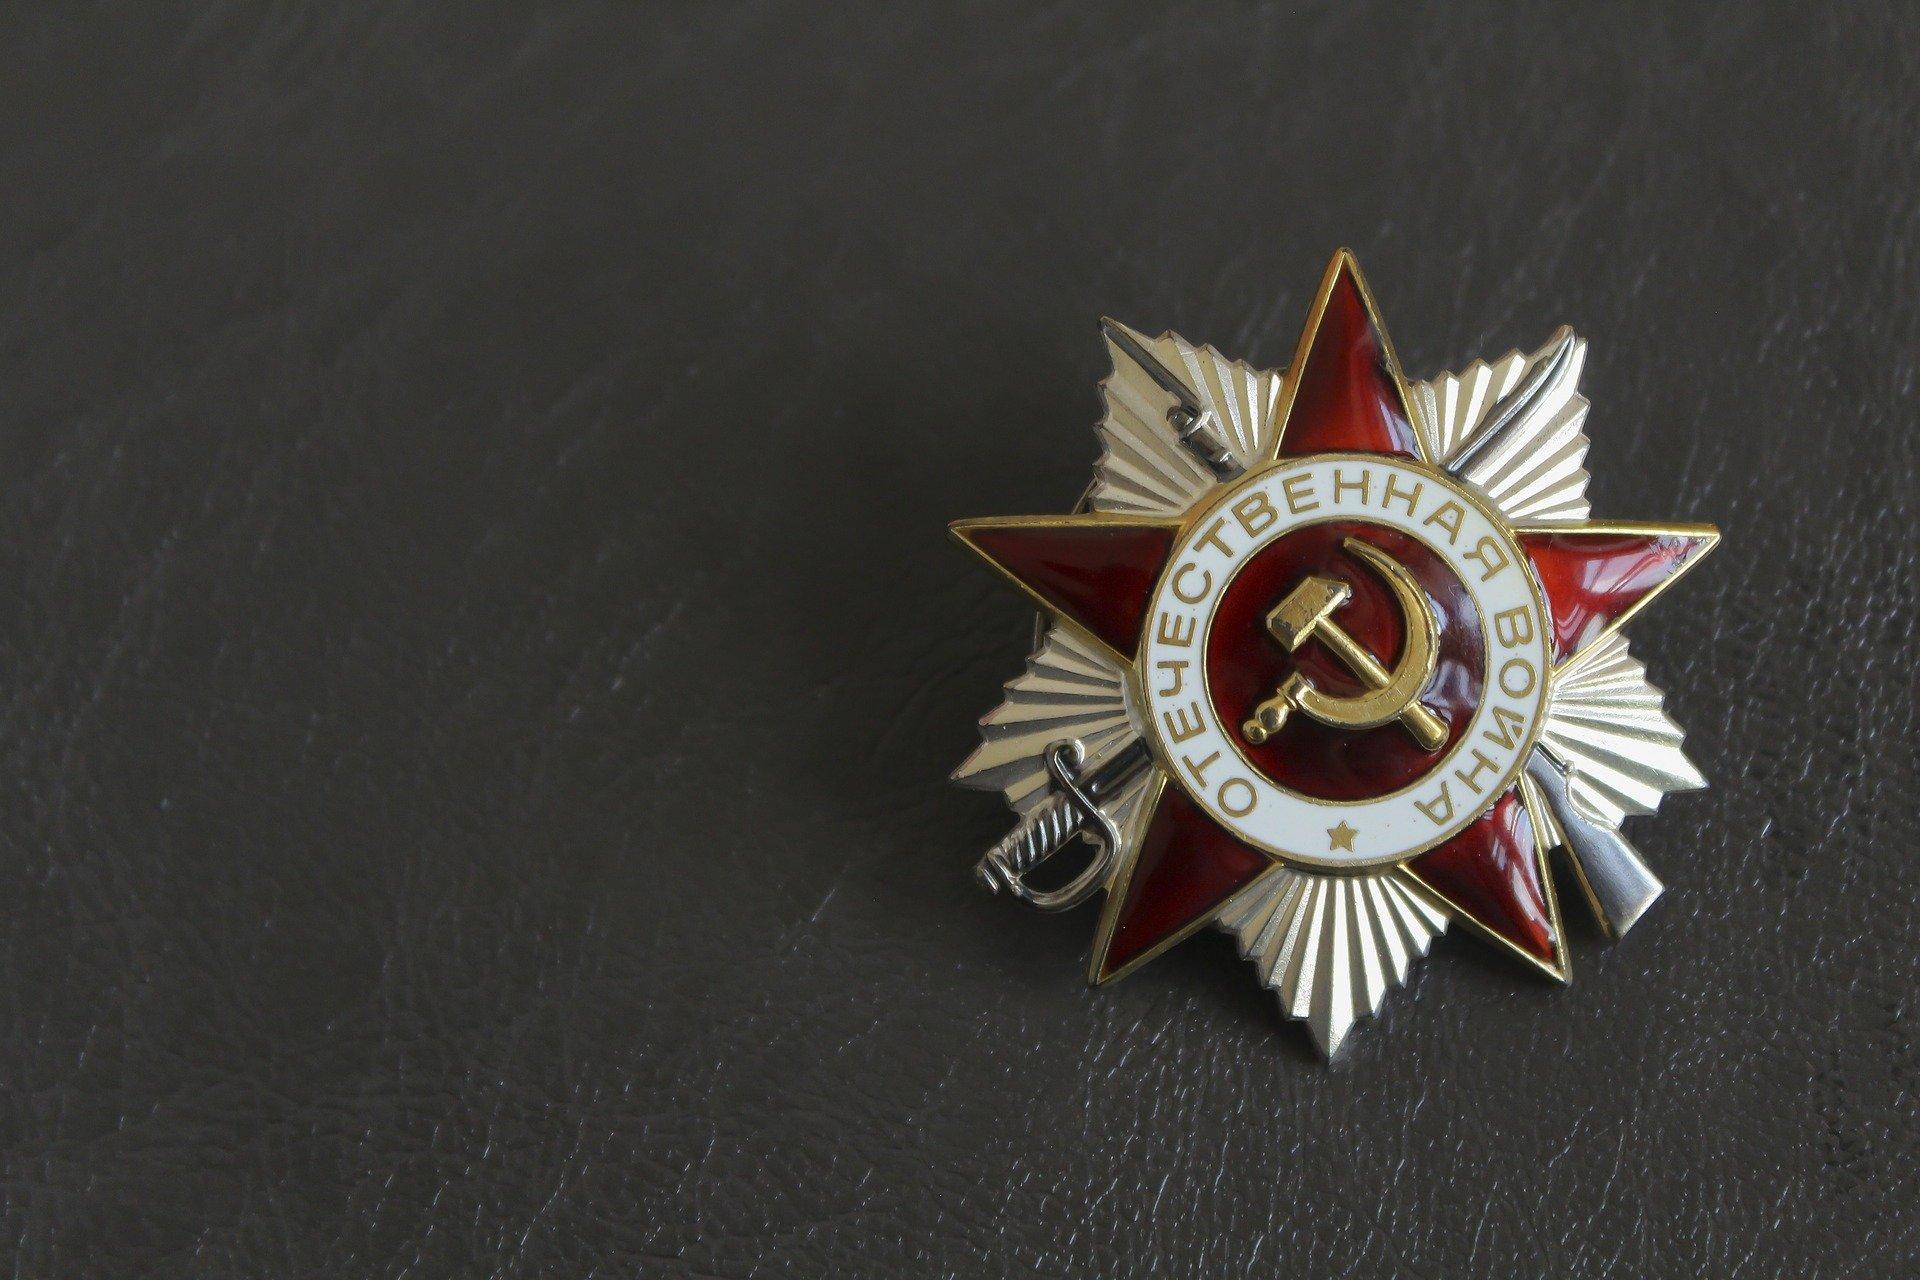 Ветеранов поздравили в Царицыне